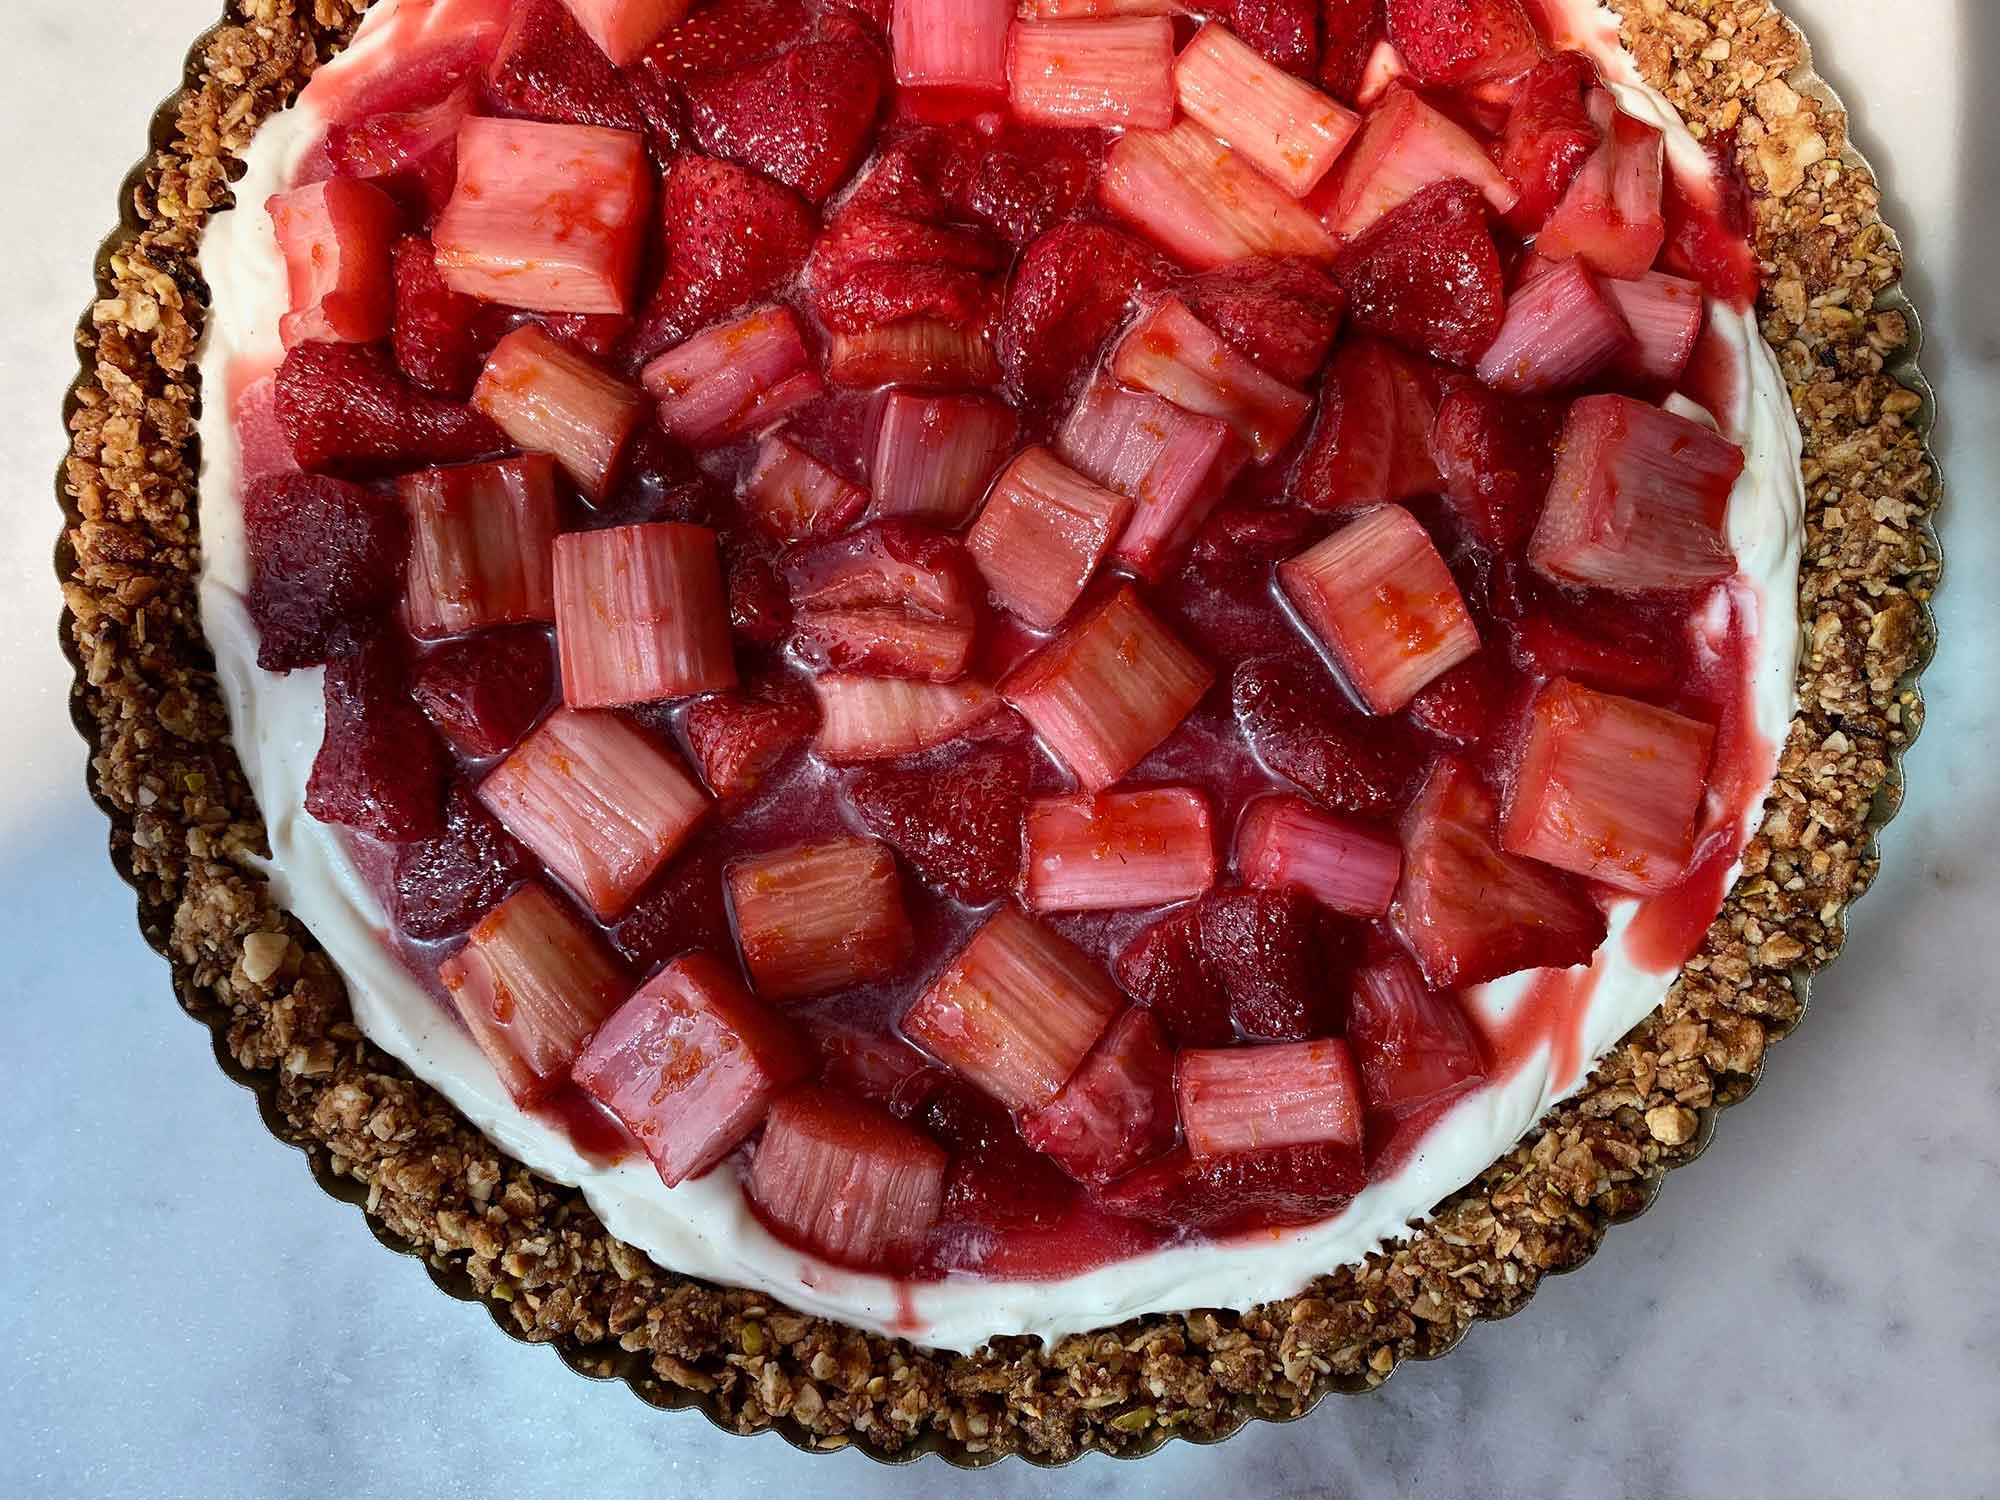 Roasted Strawberry-Rhubarb Tart with Mascarpone Cream